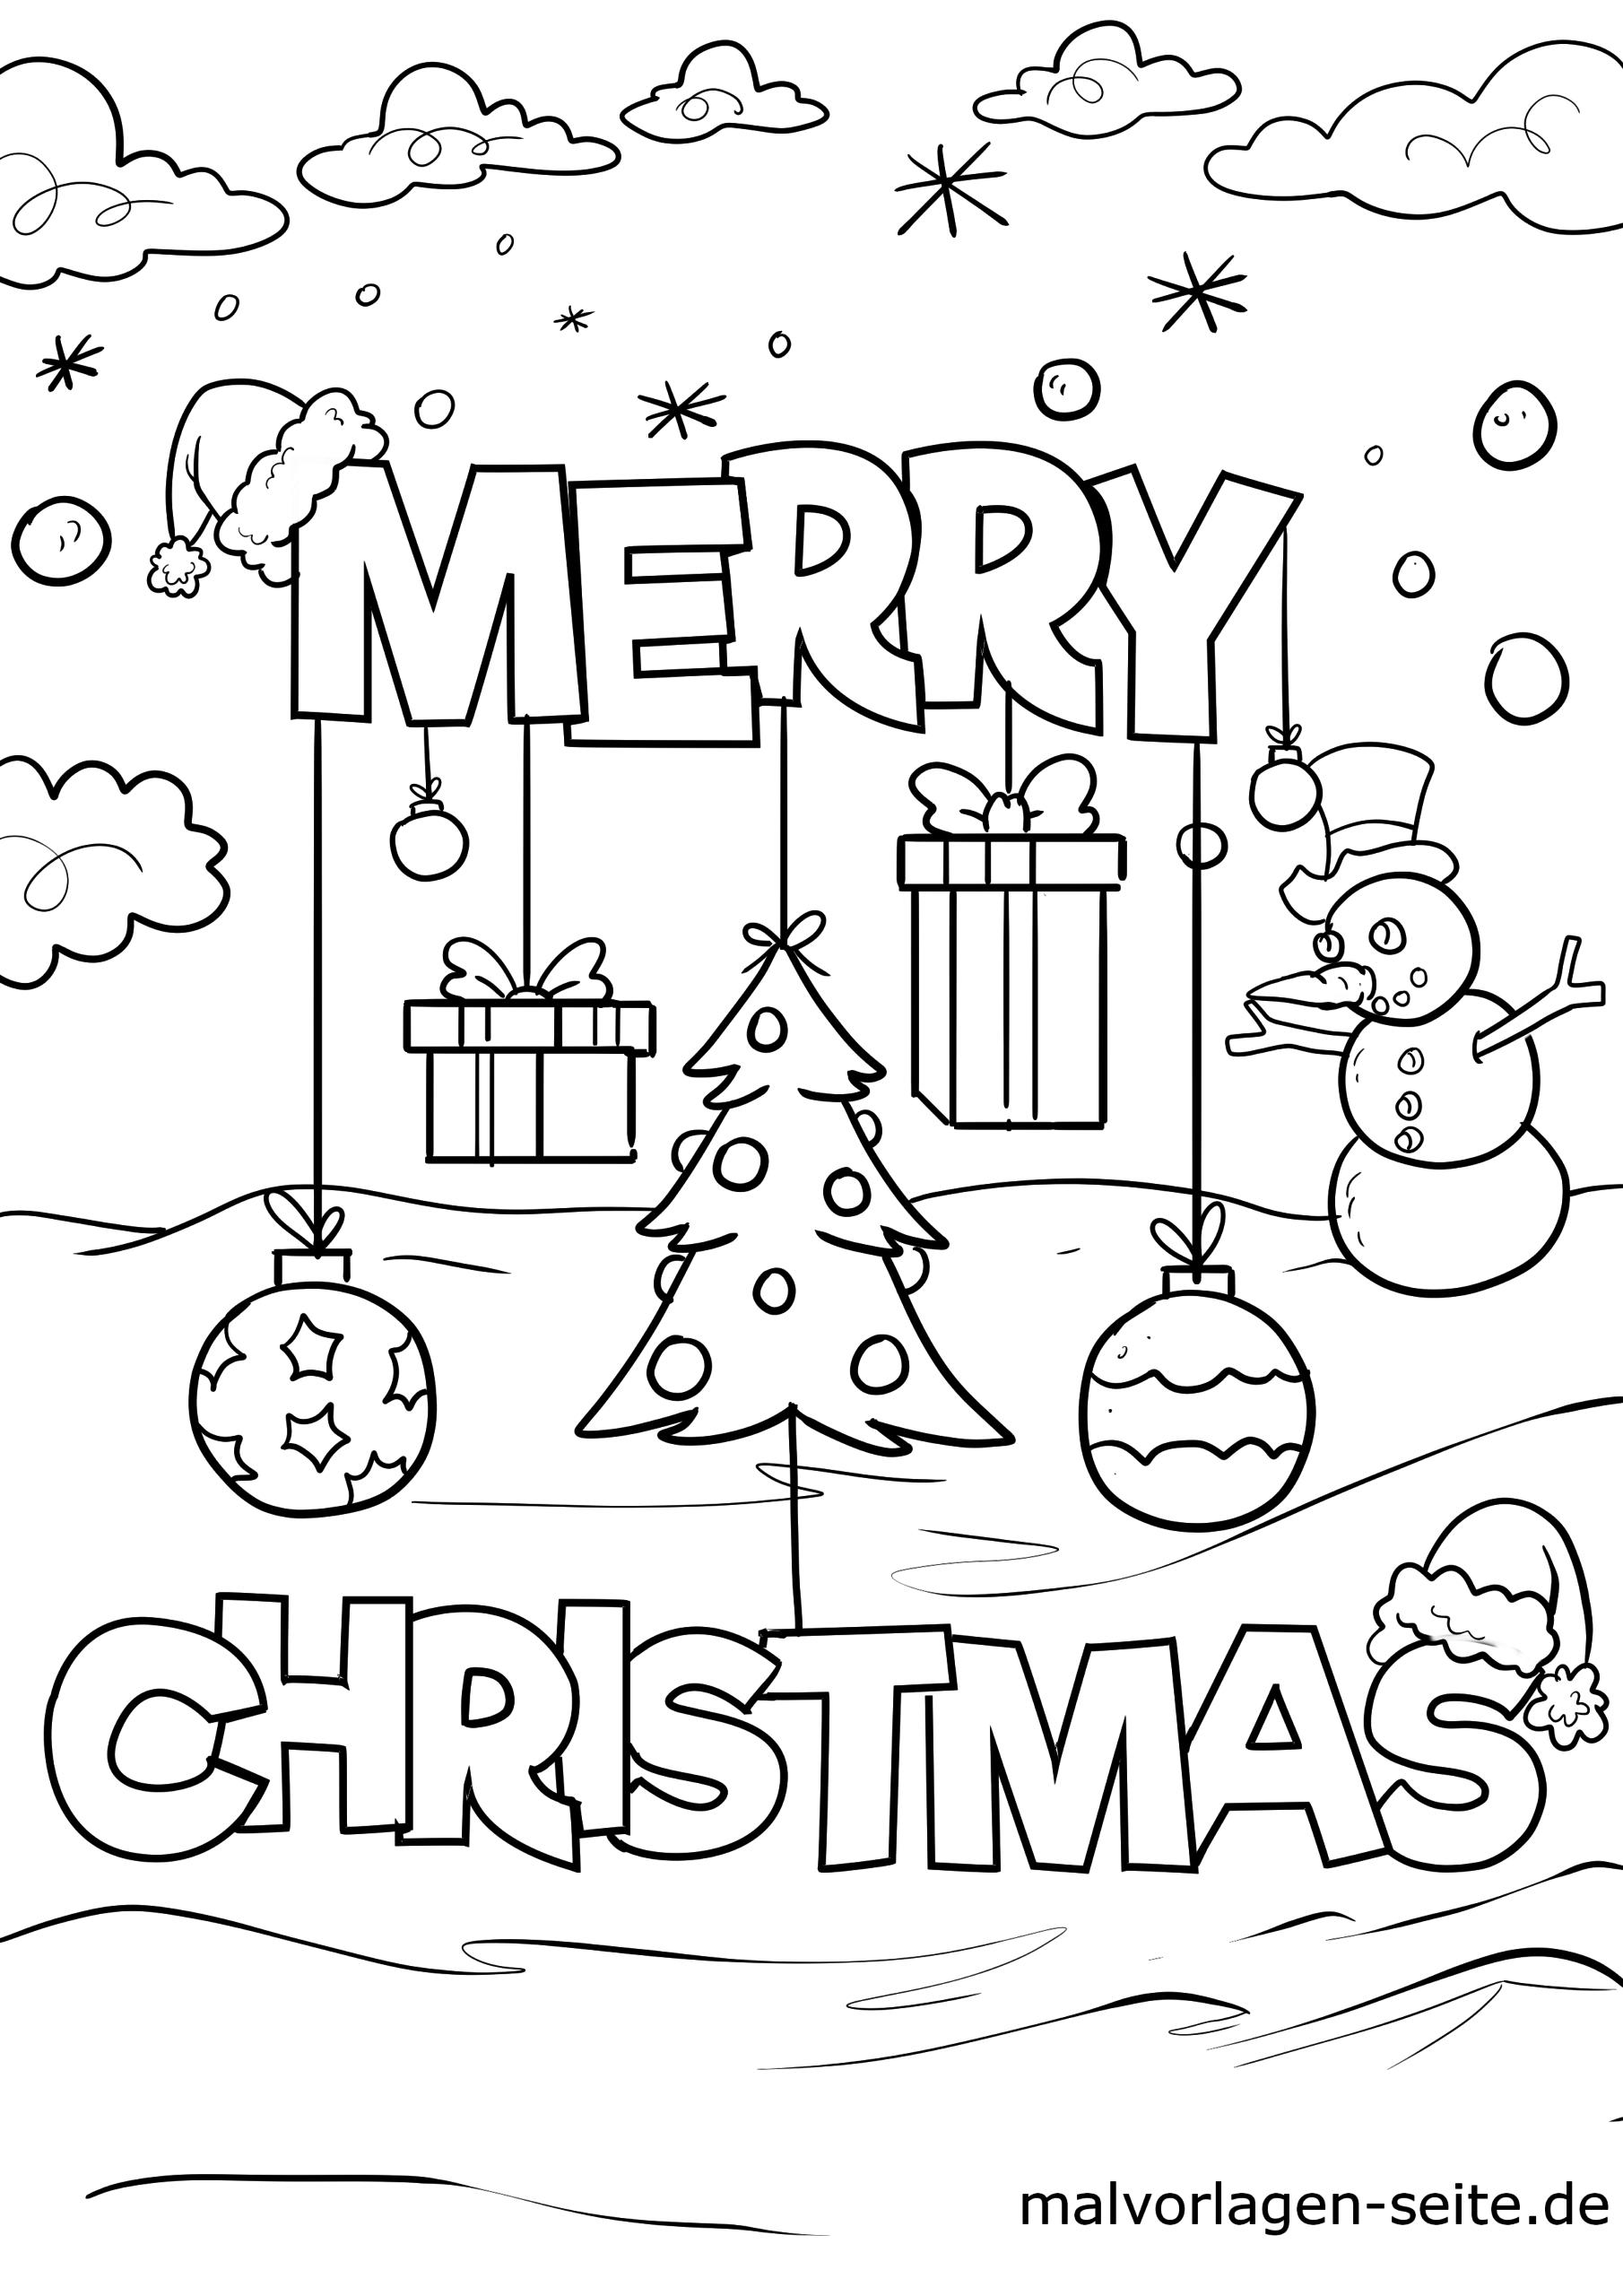 Malvorlage Merry Christmas   Weihnachten - Ausmalbilder mit Weihnachten Ausmalbilder